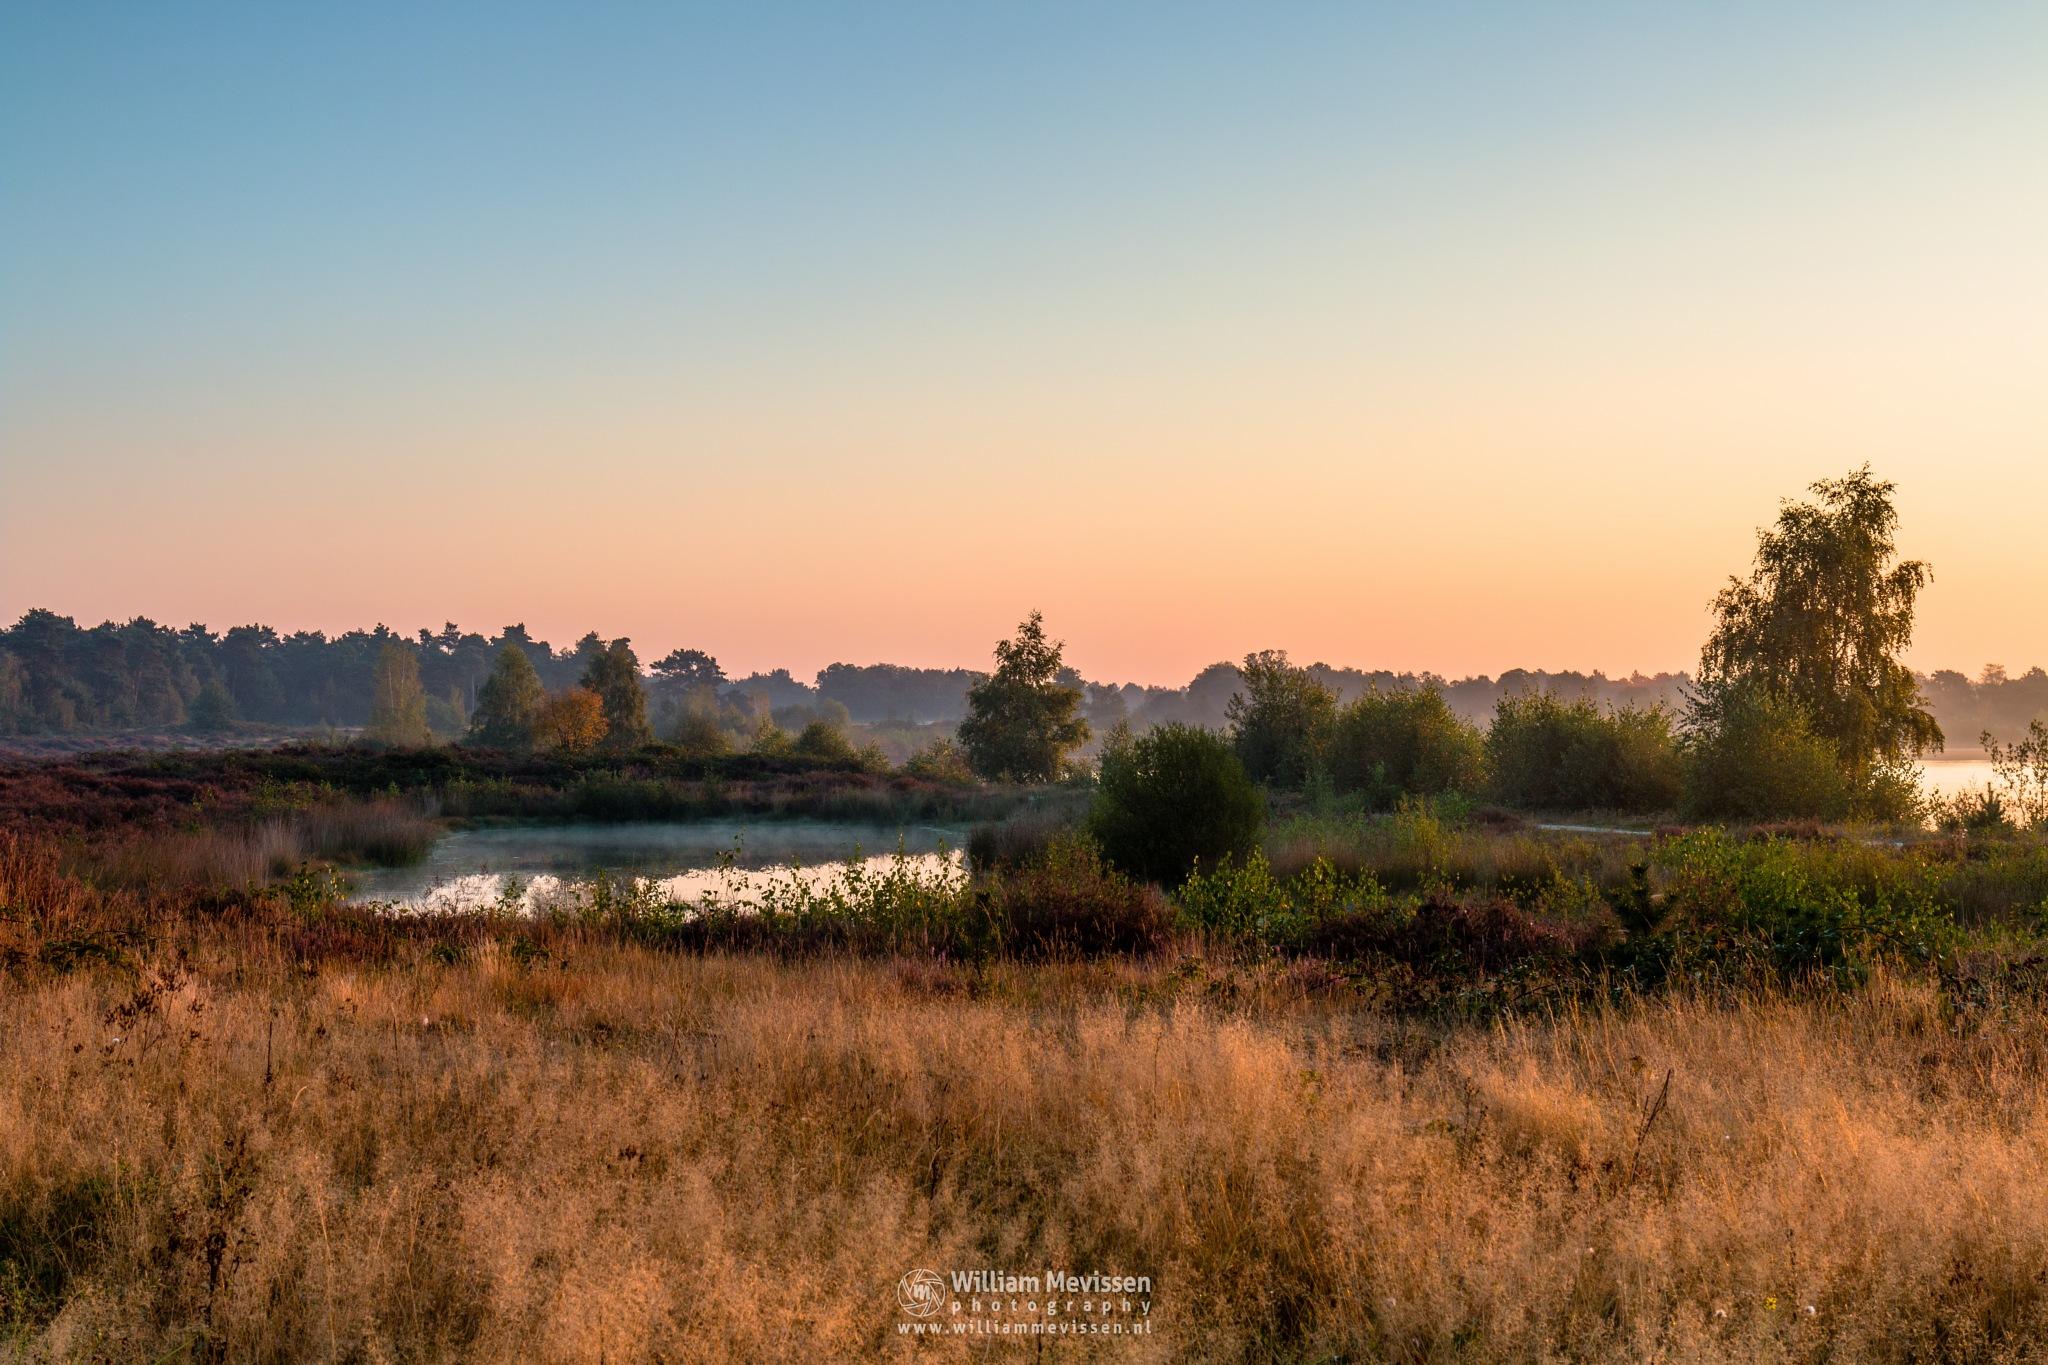 Around The Lake by William Mevissen